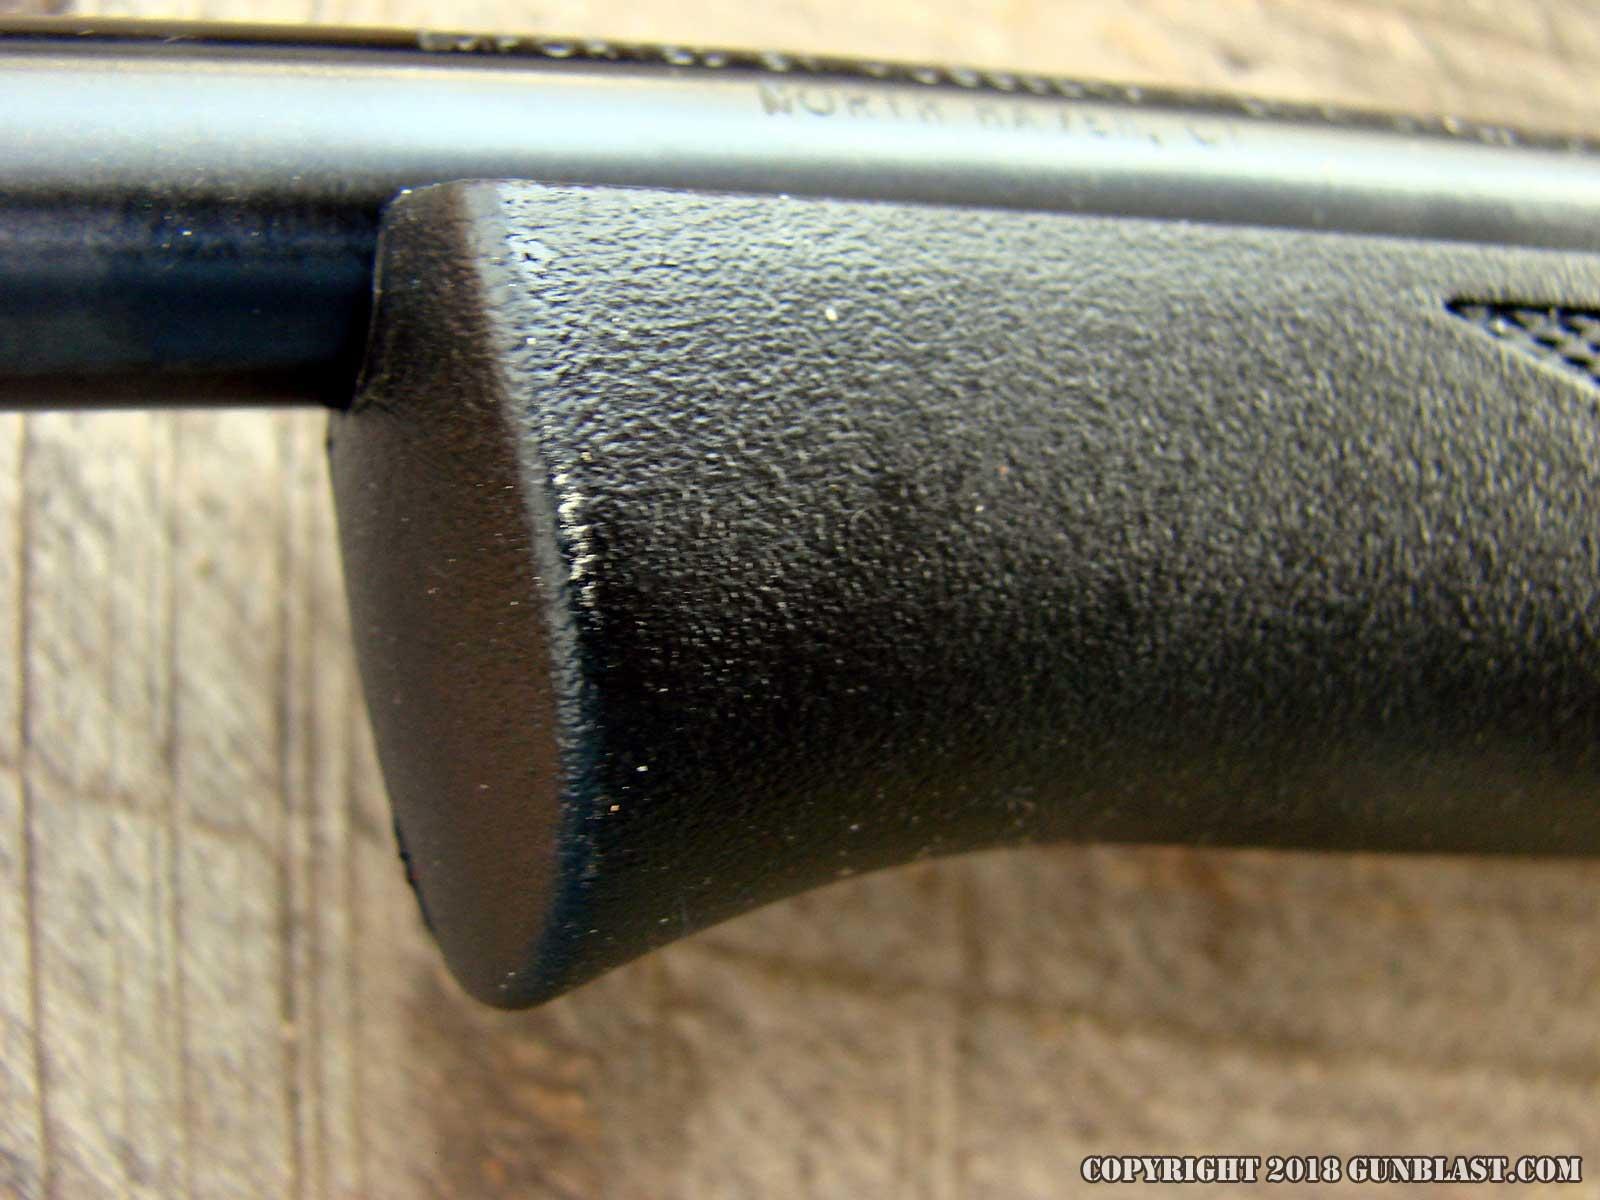 Mossberg 22 Long Rifle Model 702 Plinkster Semi Automatic Rifle